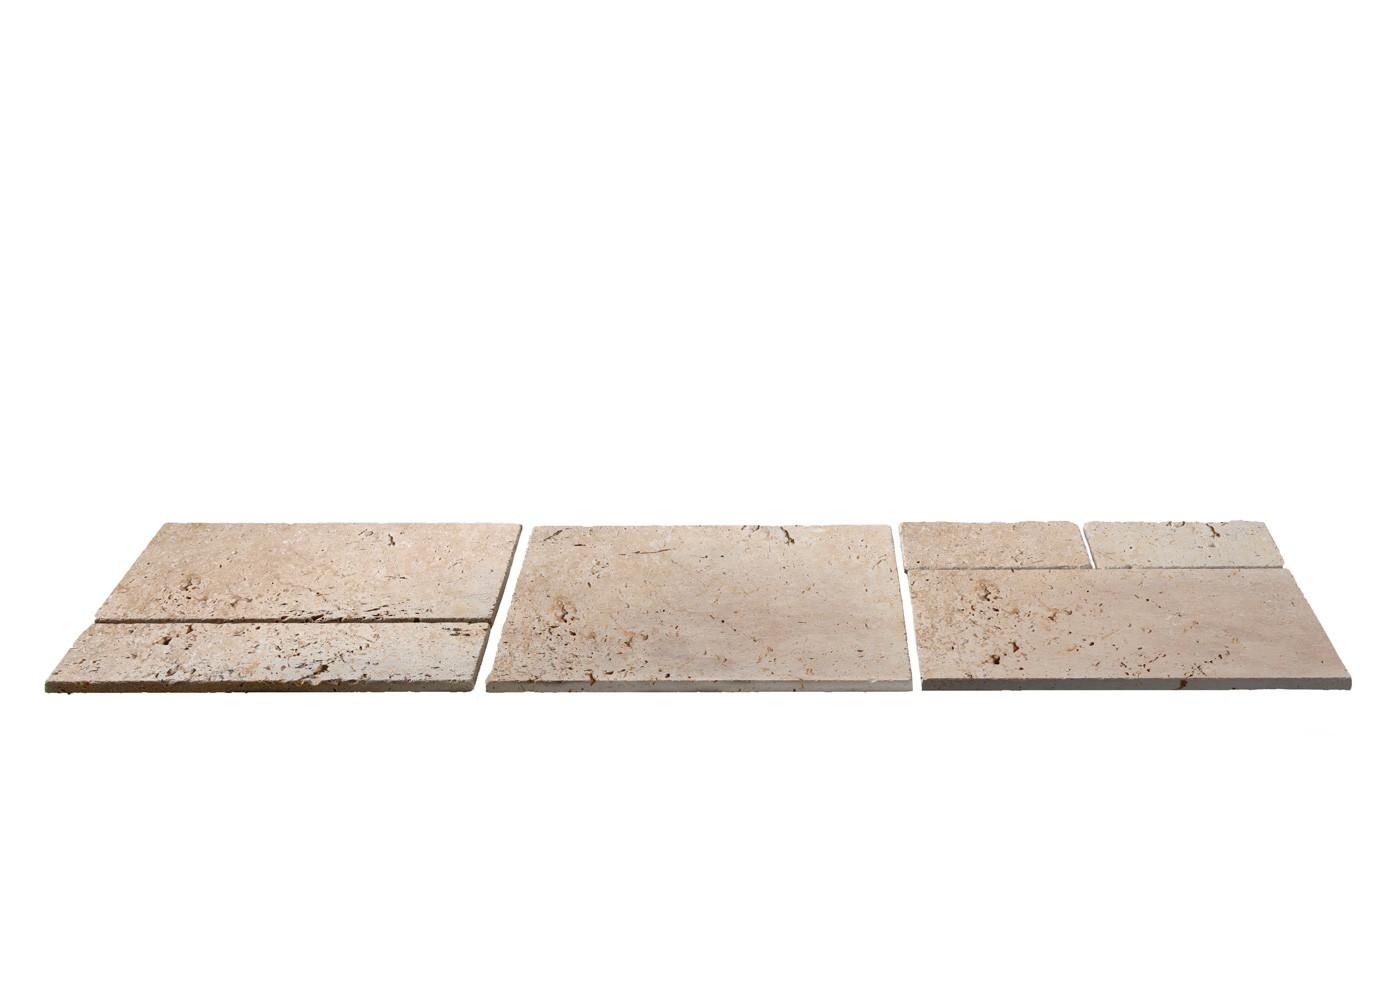 dalles en pierre naturelle travertin p 1 2 cm module de 0 74 m2. Black Bedroom Furniture Sets. Home Design Ideas